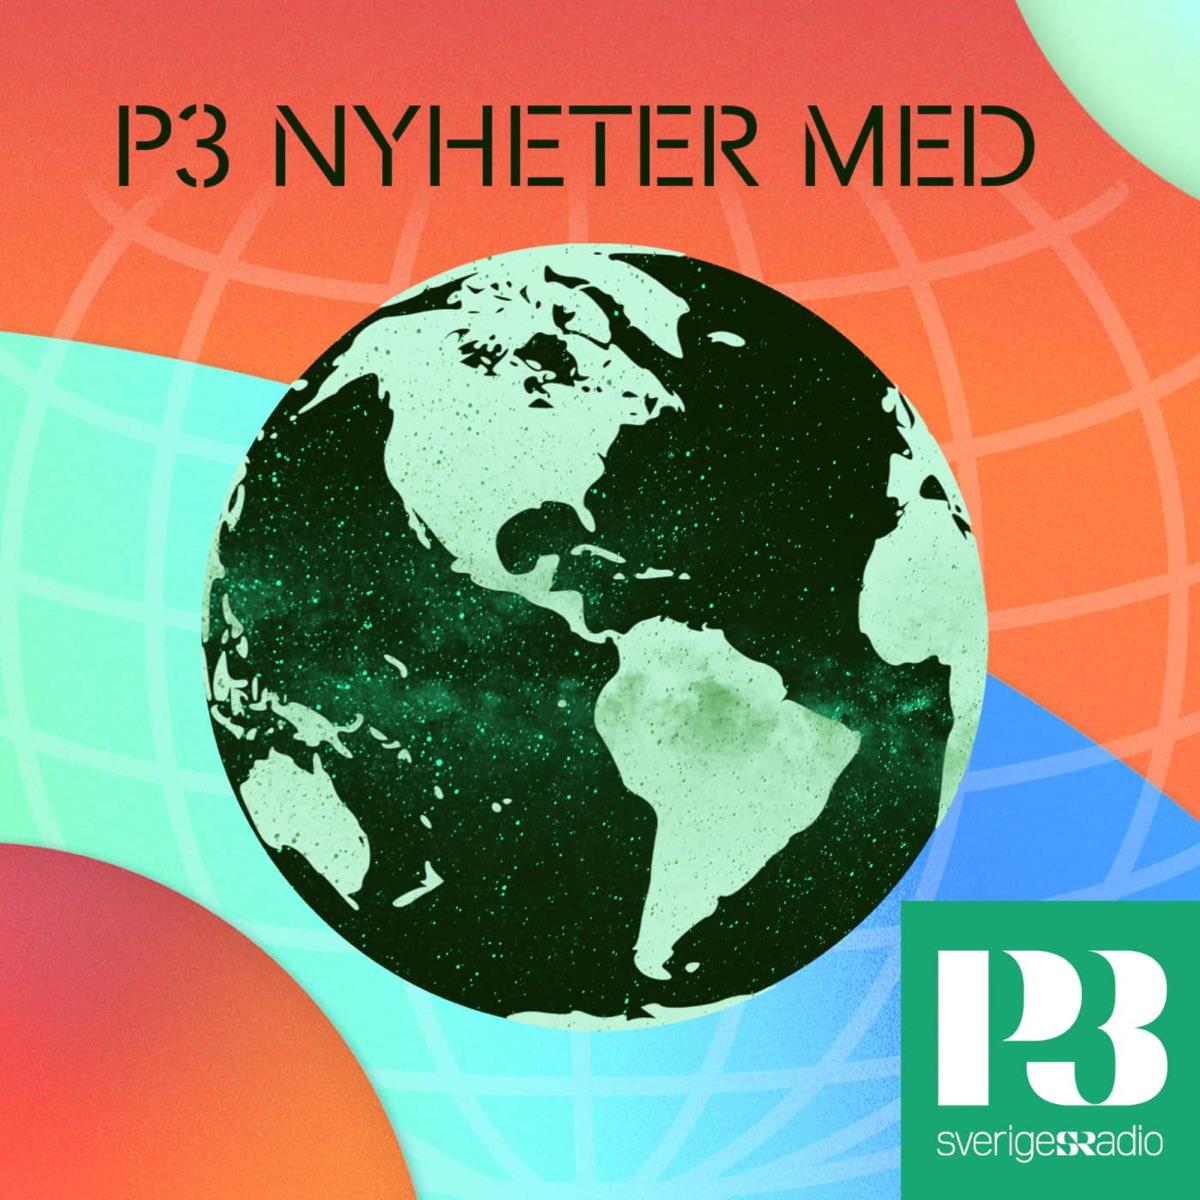 P3 Nyheter med